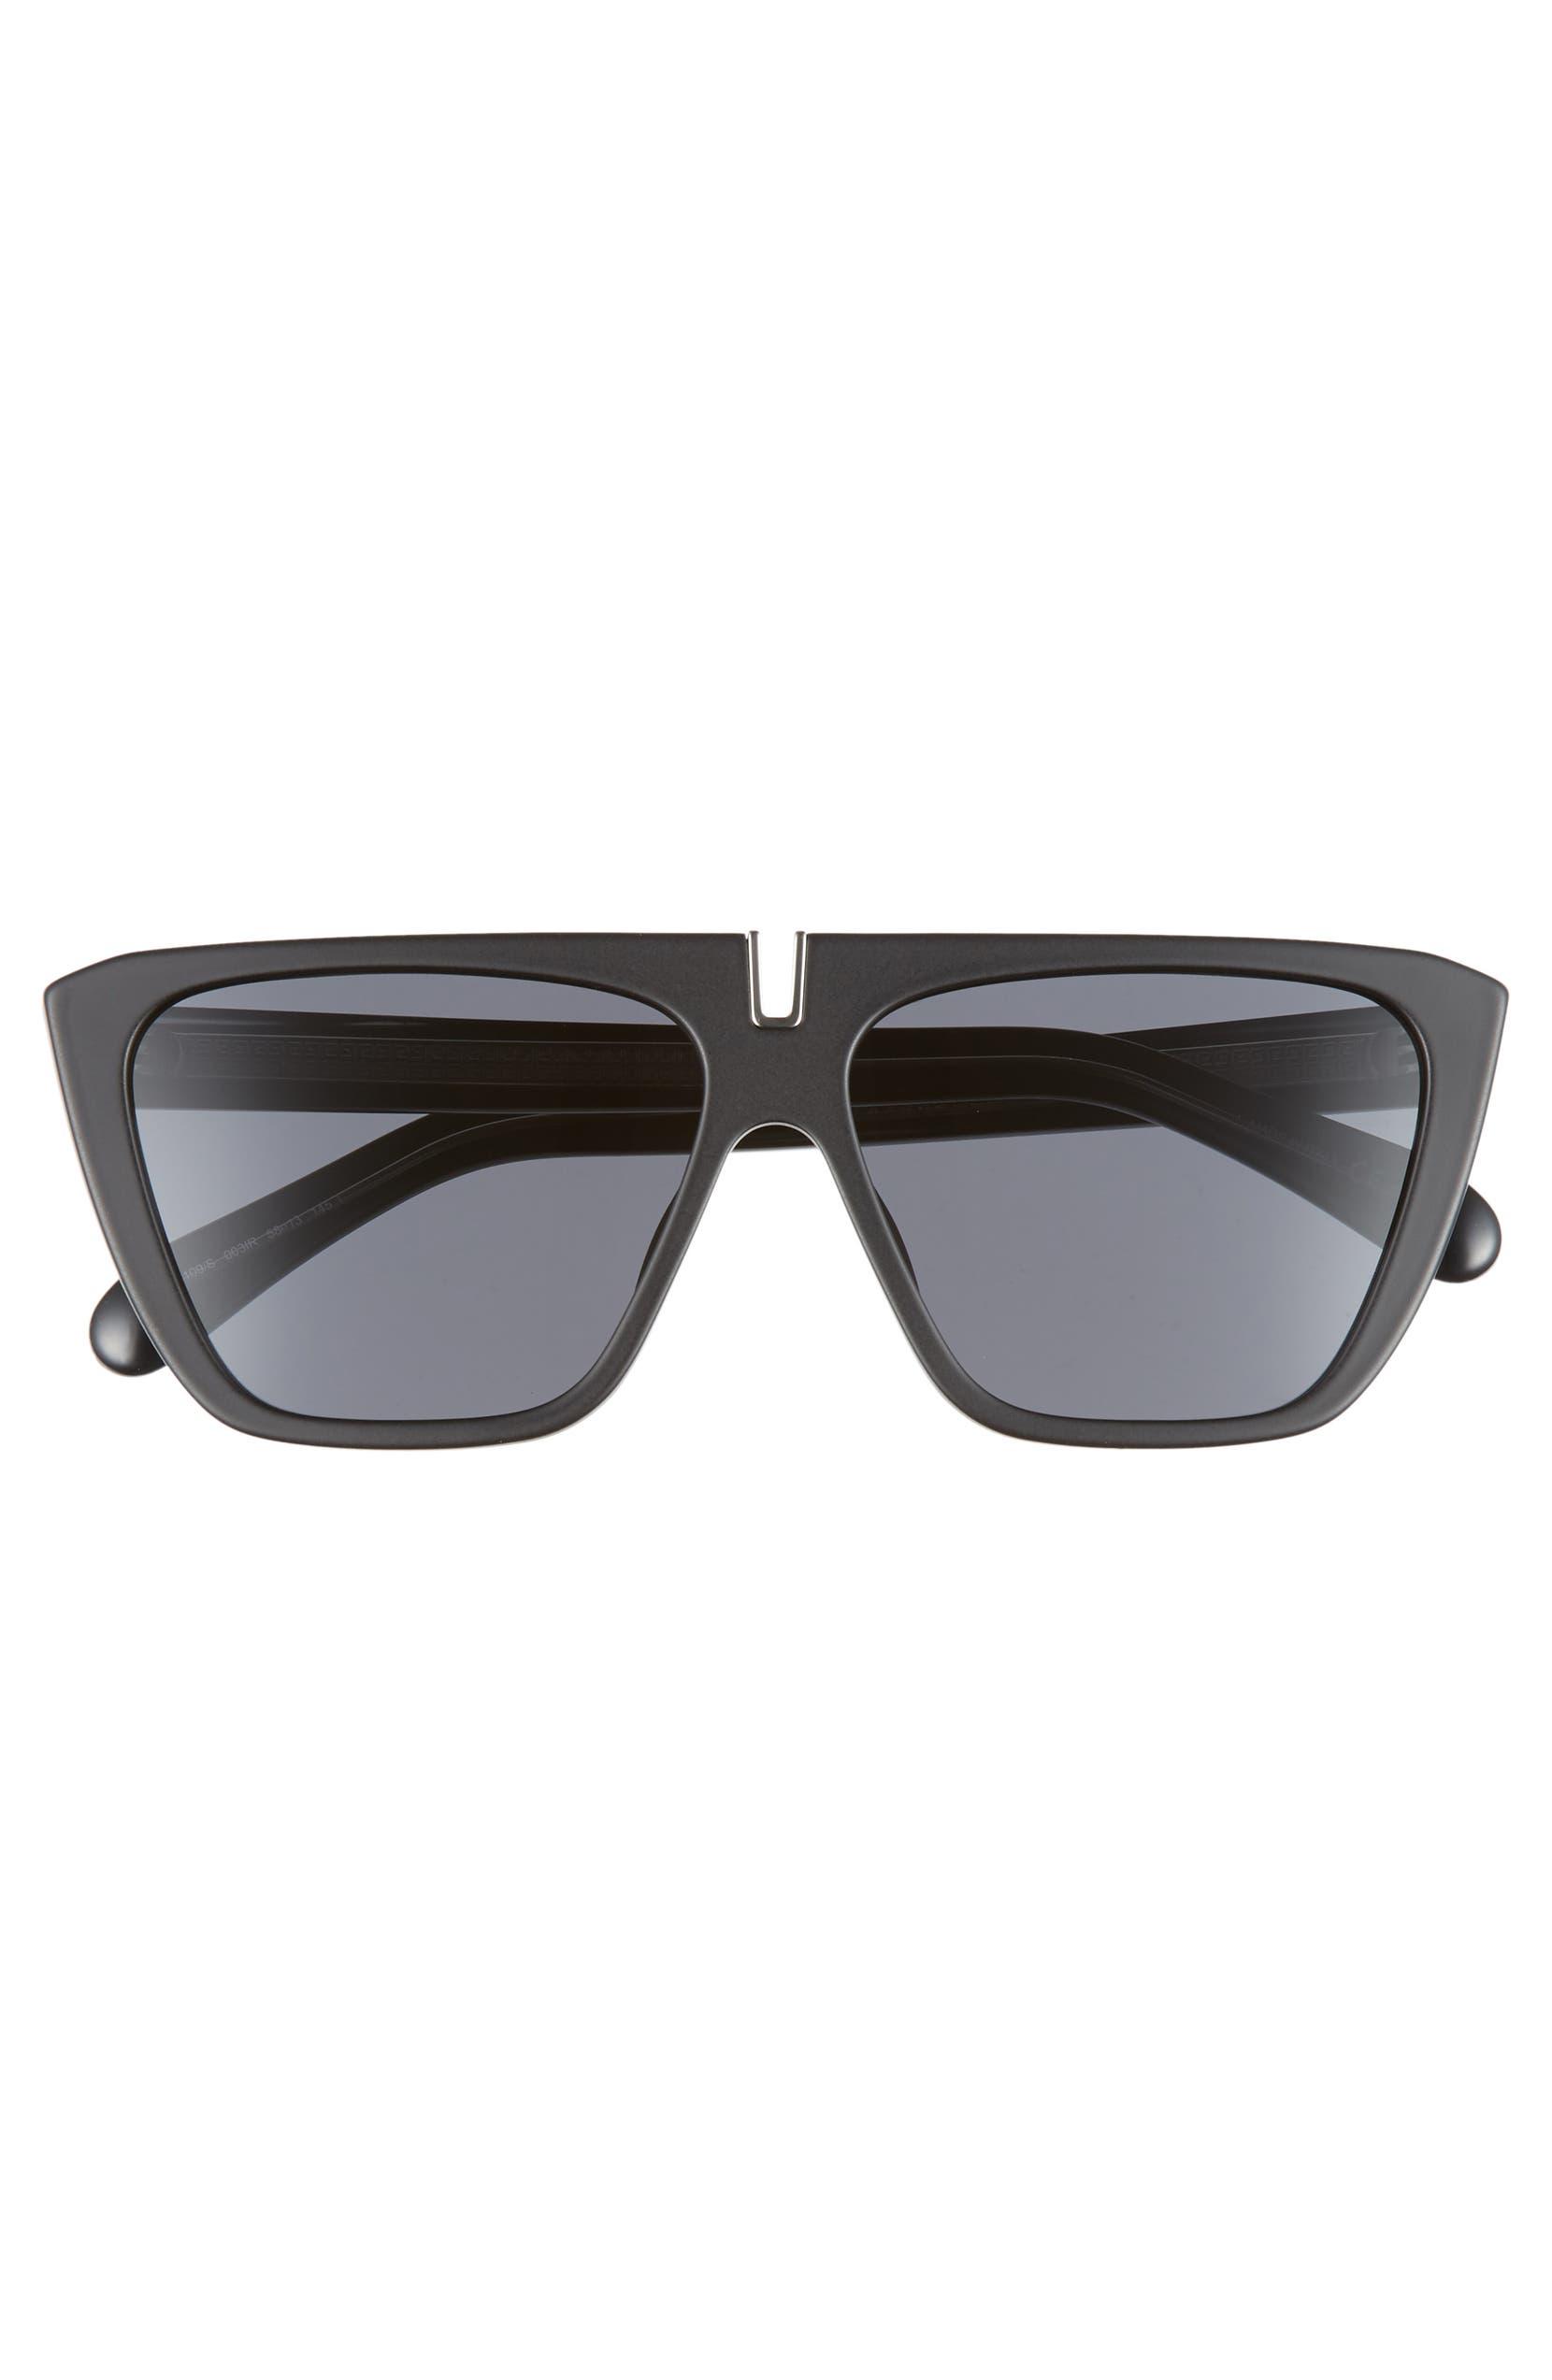 58833af137 Givenchy 58mm Flat Top Sunglasses | Nordstrom